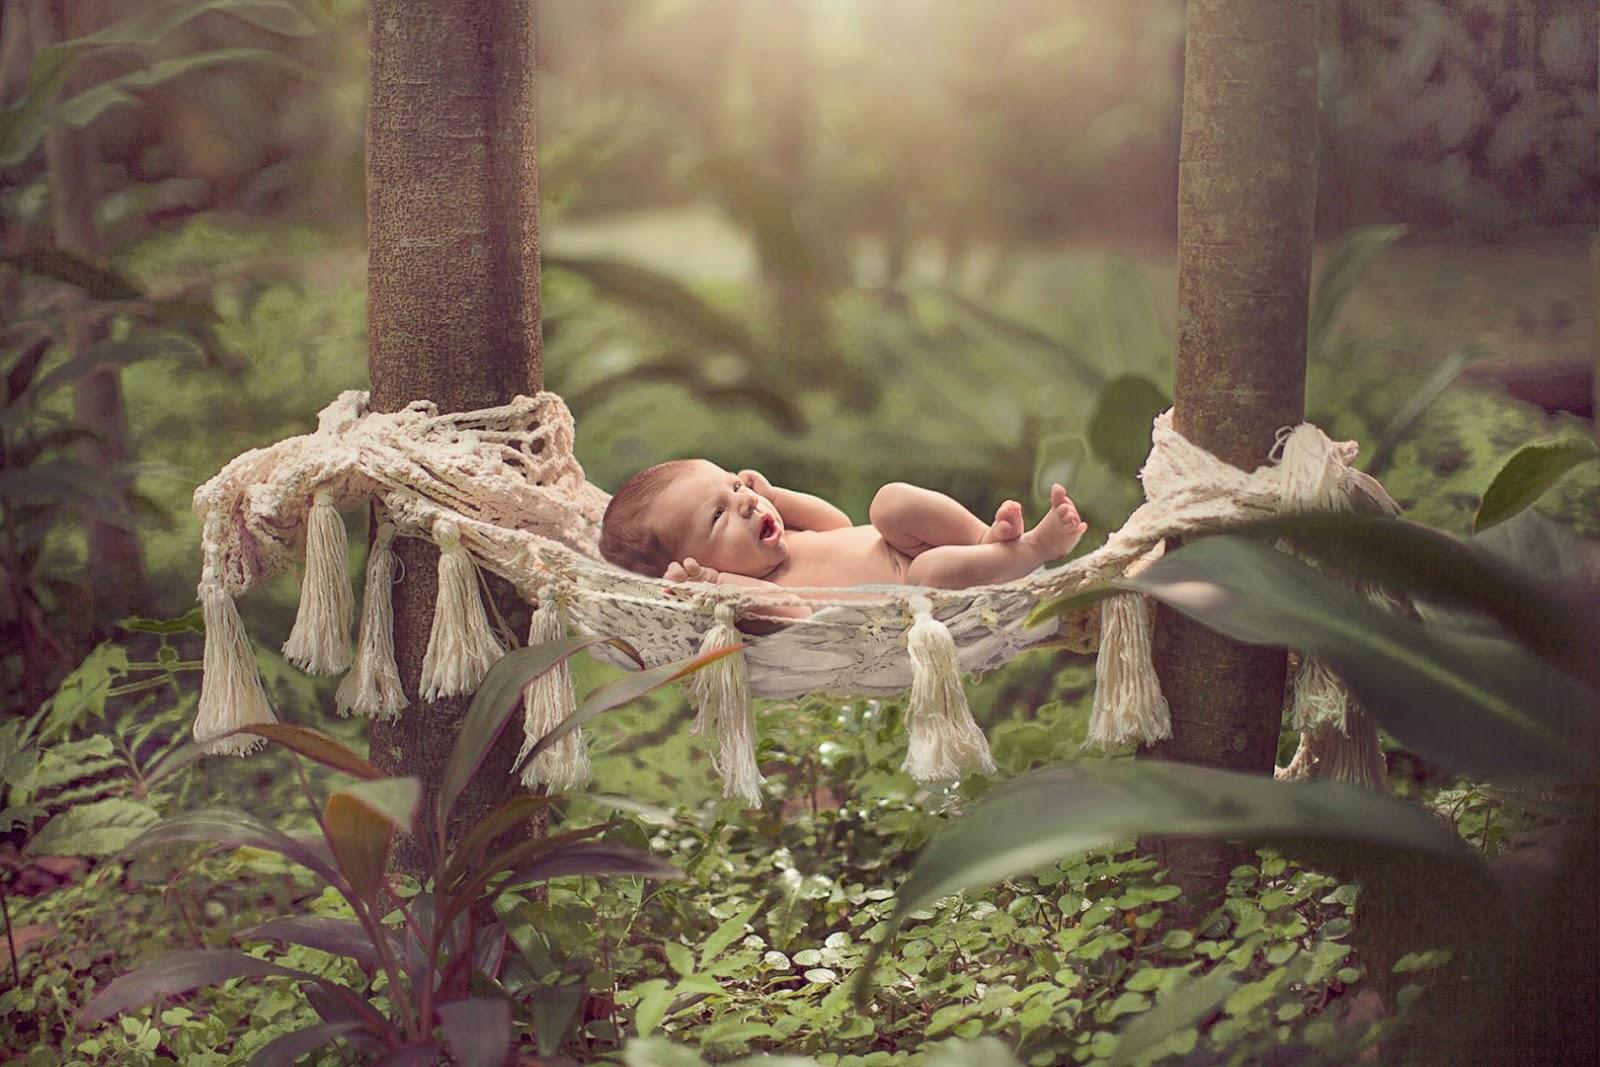 Untuk Lebih Unik Dan Mempunyai Nilai Seni Fotolah Anak Anda Dengan Latar Yang Cantik Menarik Bisa Memanfaatkan Alam Sekitar